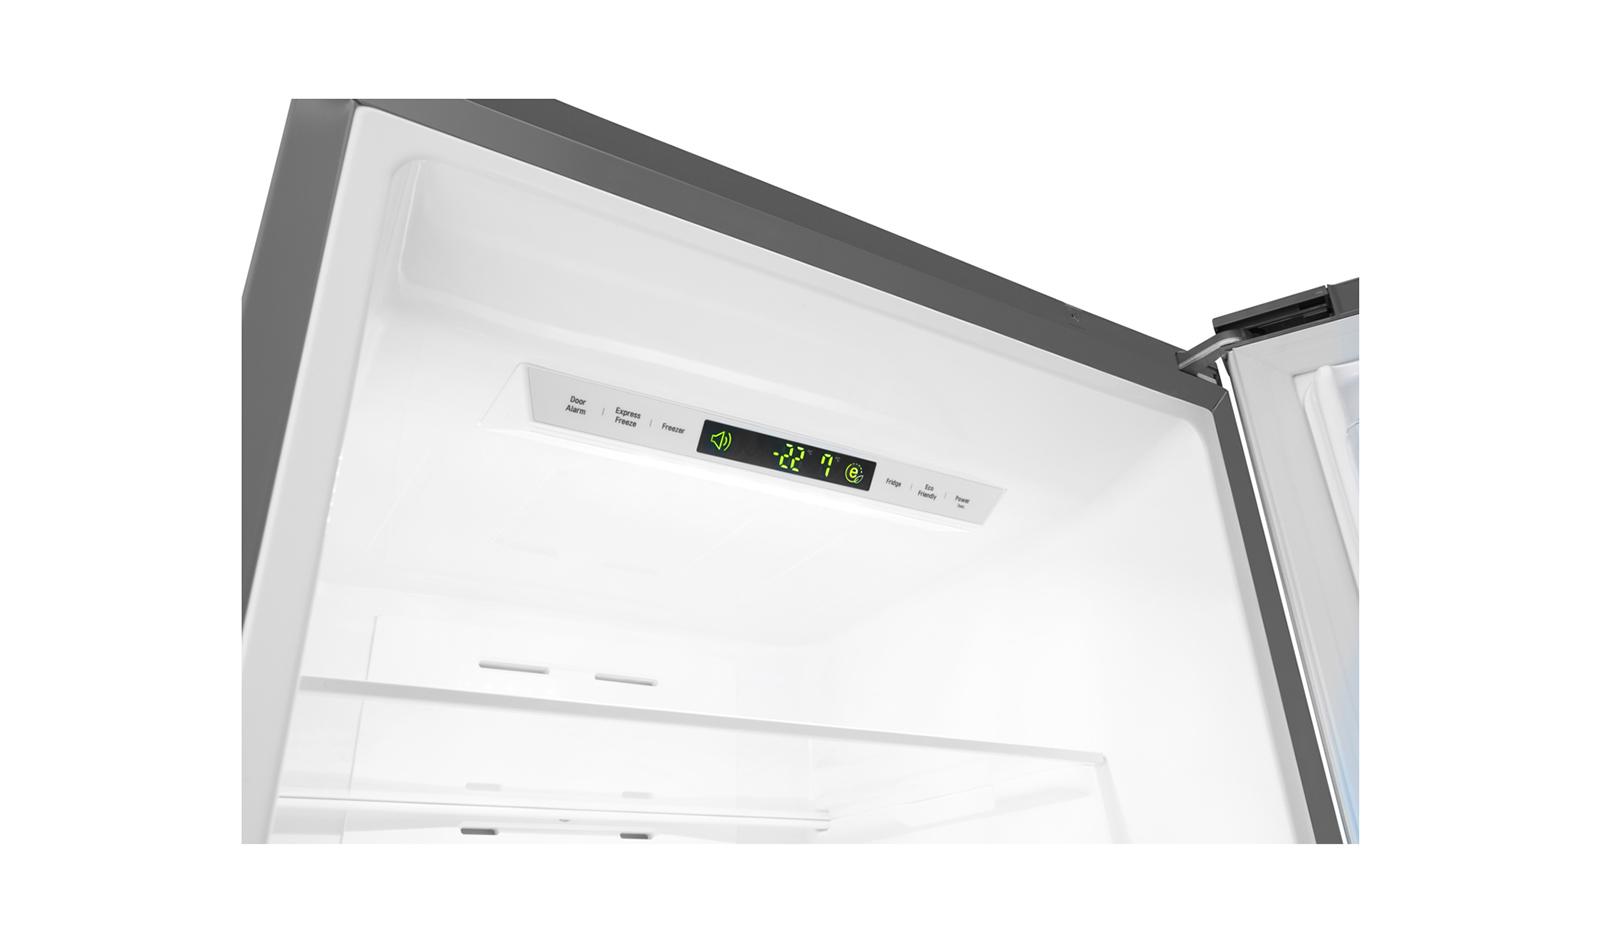 217858 fricom lg gbb59pzjzs 190x60 a nf inox. Black Bedroom Furniture Sets. Home Design Ideas